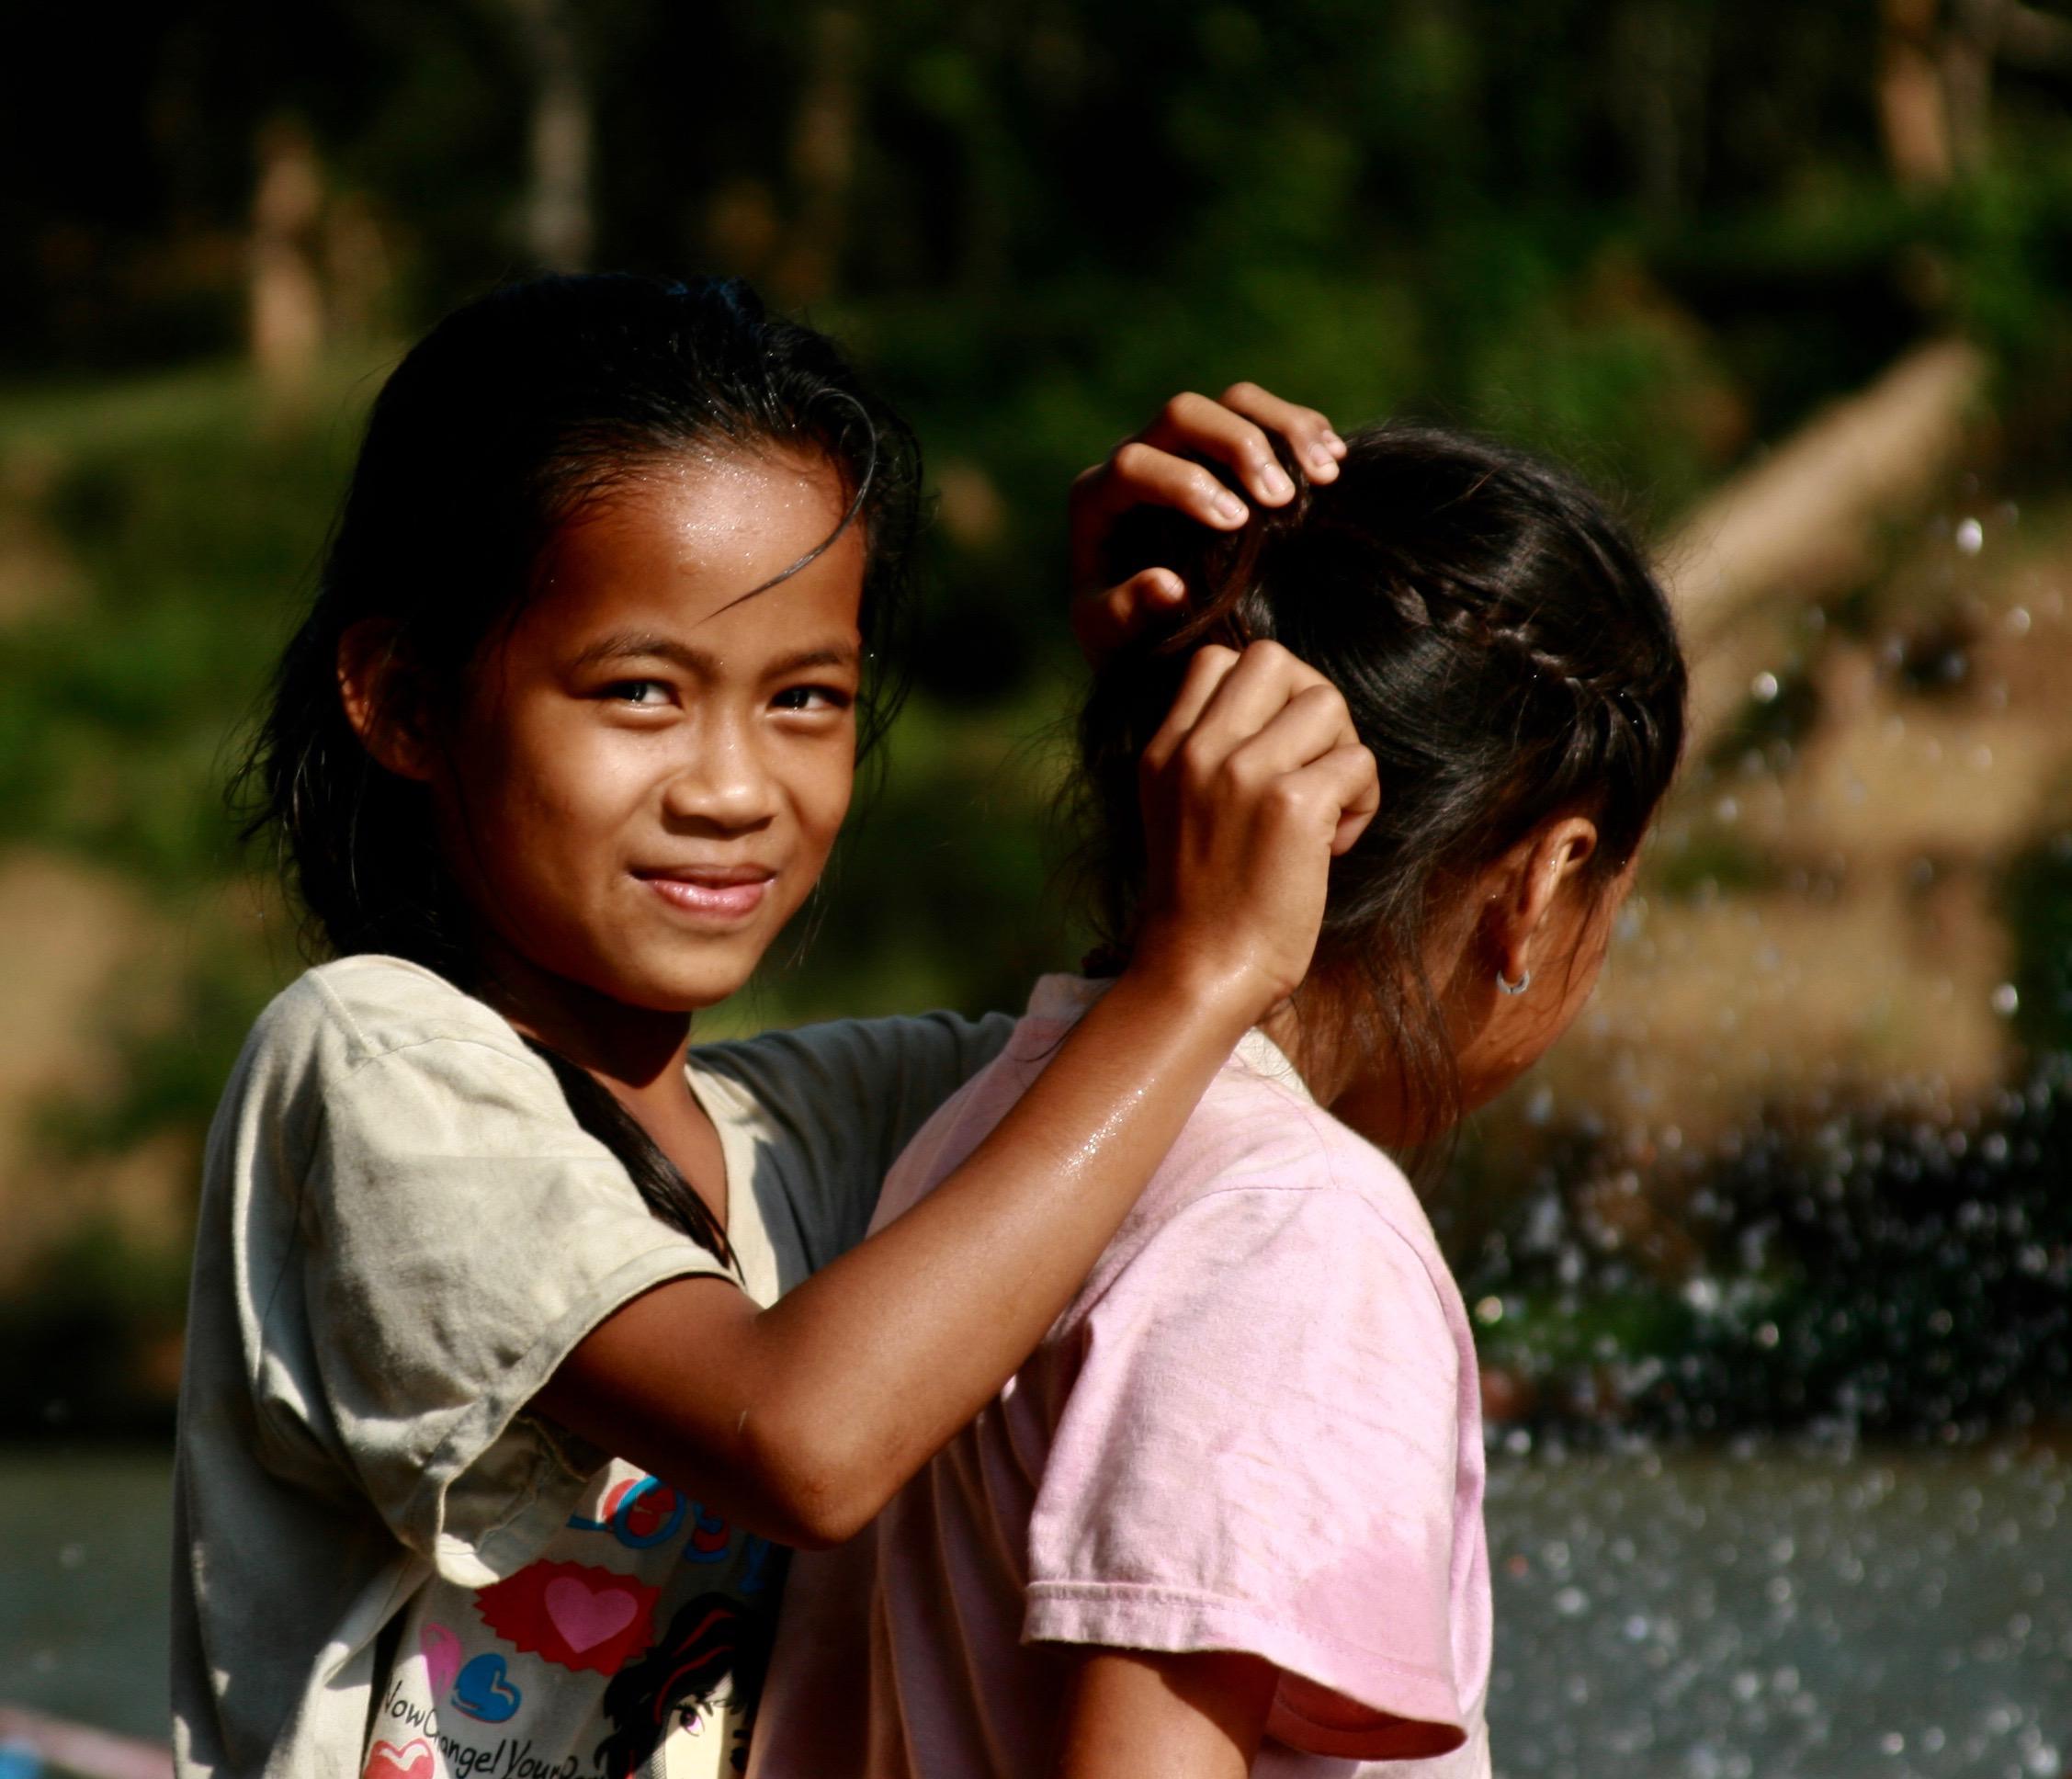 People-Laos Girls.jpg